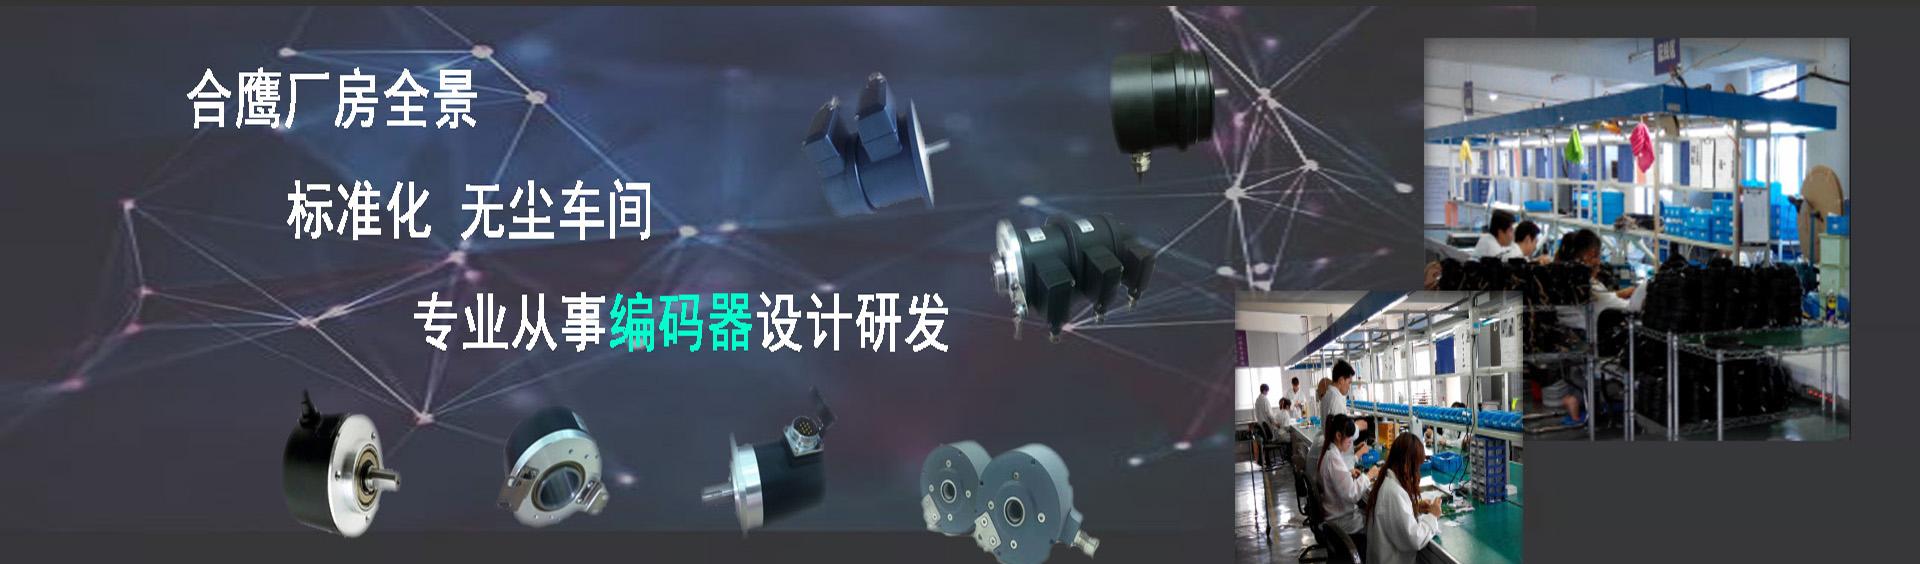 编码器工厂生产加工